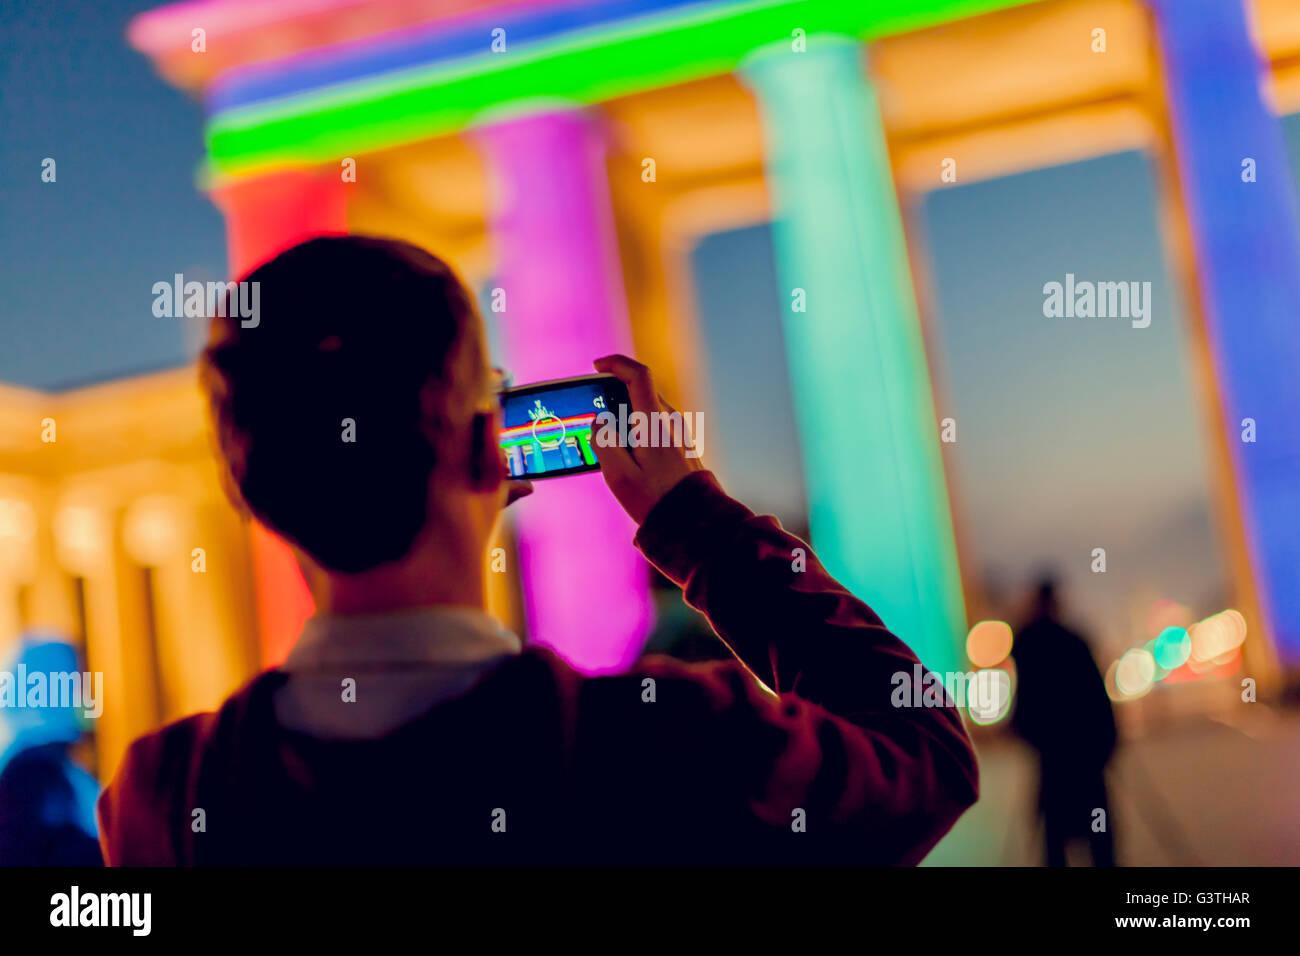 Deutschland, Berlin, Brandenburger Tor, Blick auf bunte Beleuchtung in der Dämmerung Stockbild